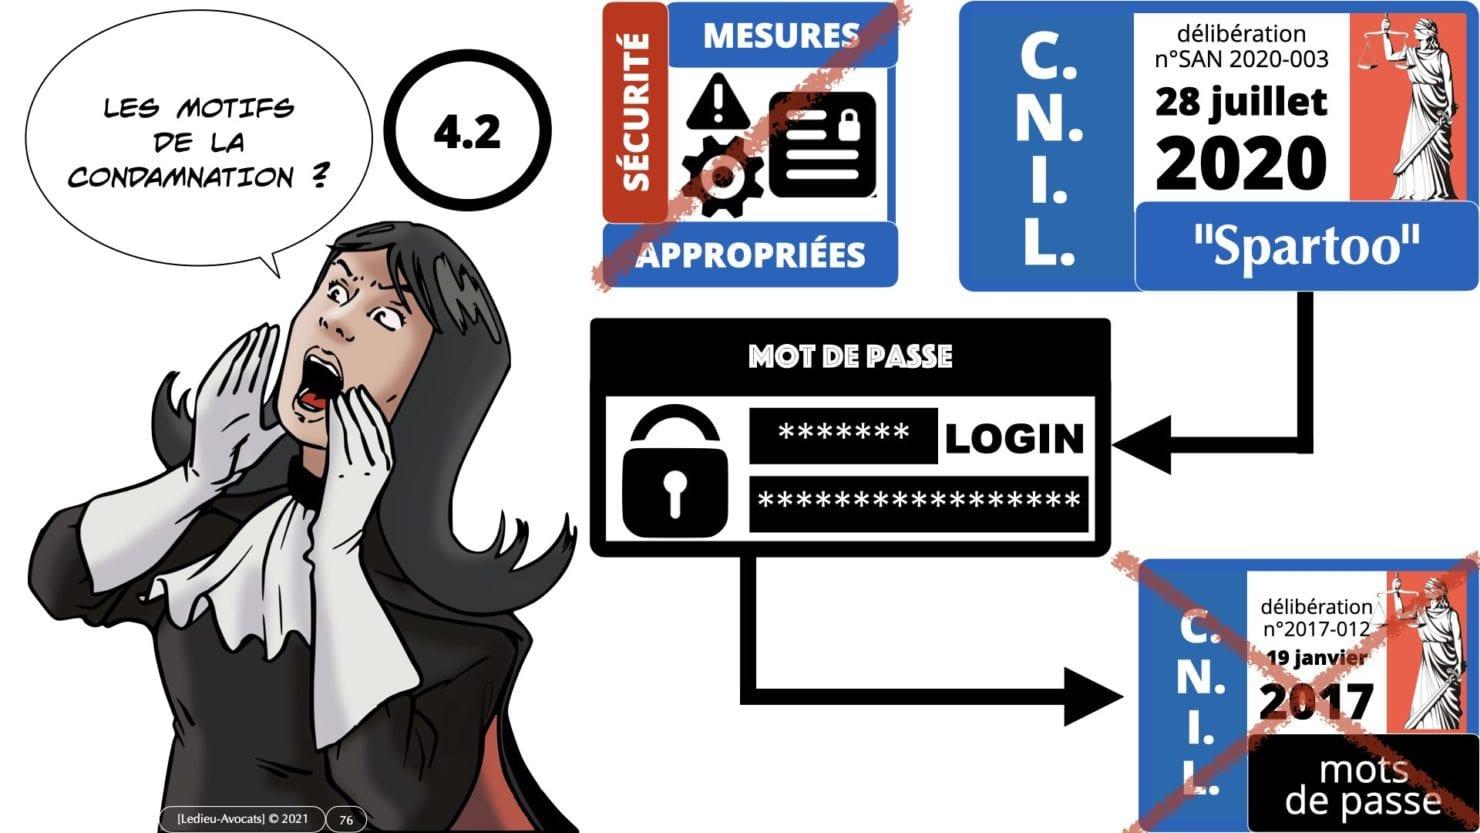 342 cyber sécurité #2 OIV OSE analyse risque EBIOS RM © Ledieu-avocat 15-07-2021.076